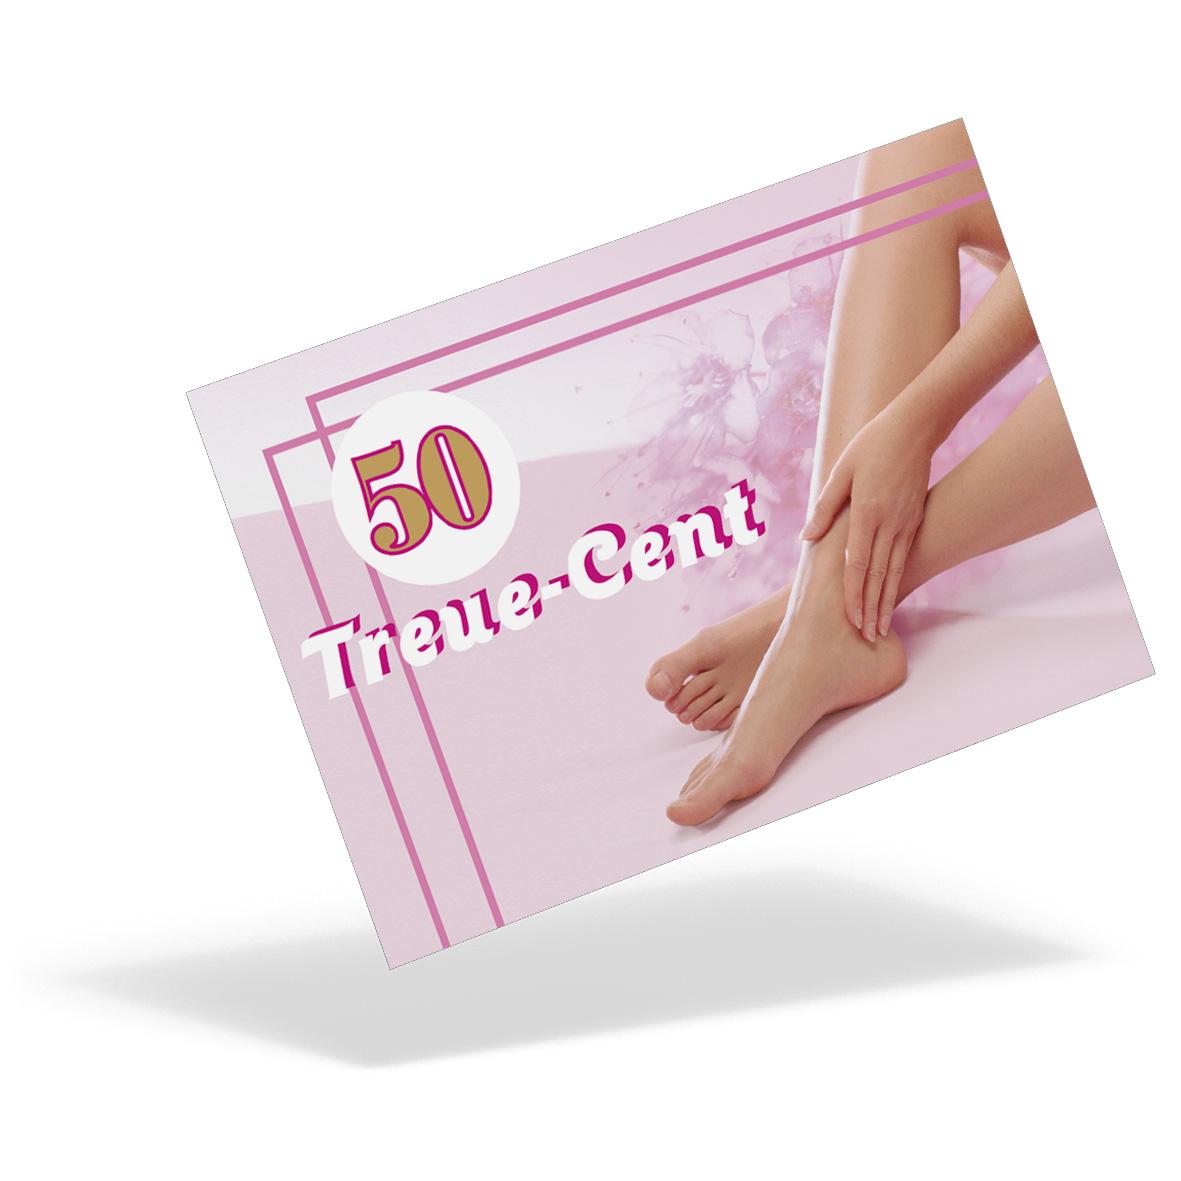 Pythagoras Marketing Gmbh Treue Geld Fußpflege 50 Cent Geschenkgutscheine Visitenkarten Kundenkarten Und Weitere Treuesysteme